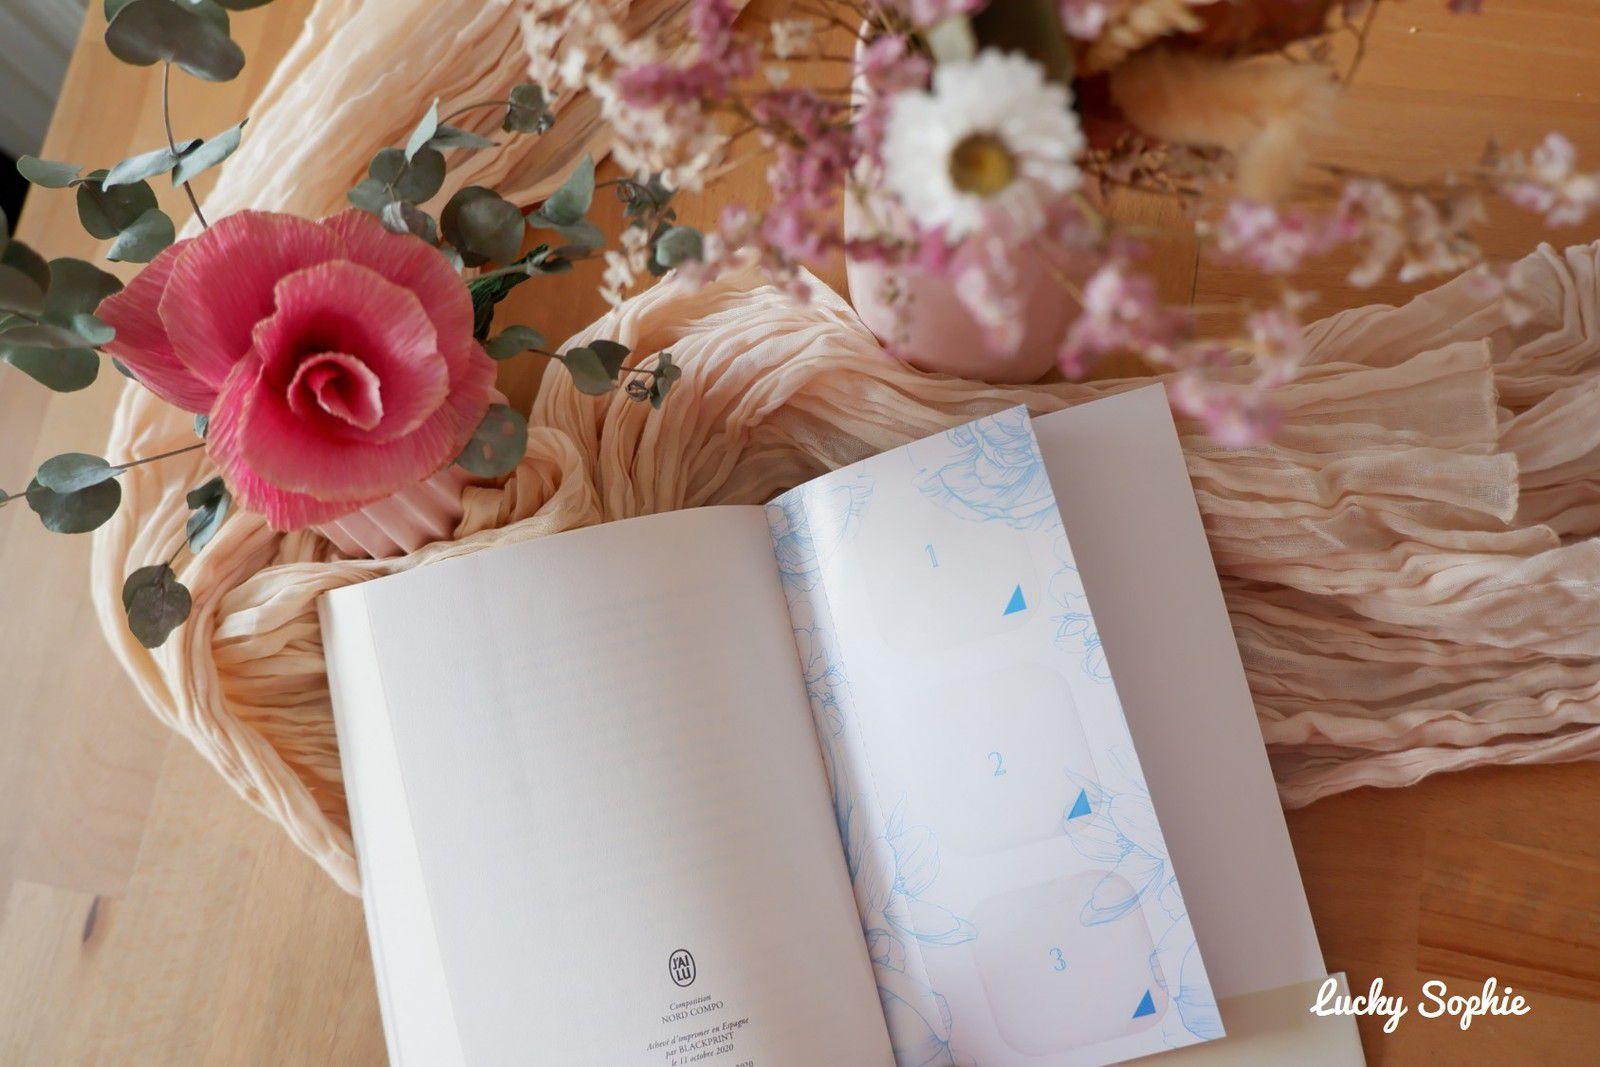 Un marque-page avec 6 zones de parfums à découvrir au fur et à mesure de l'histoire dans ce premier roman olfactif !